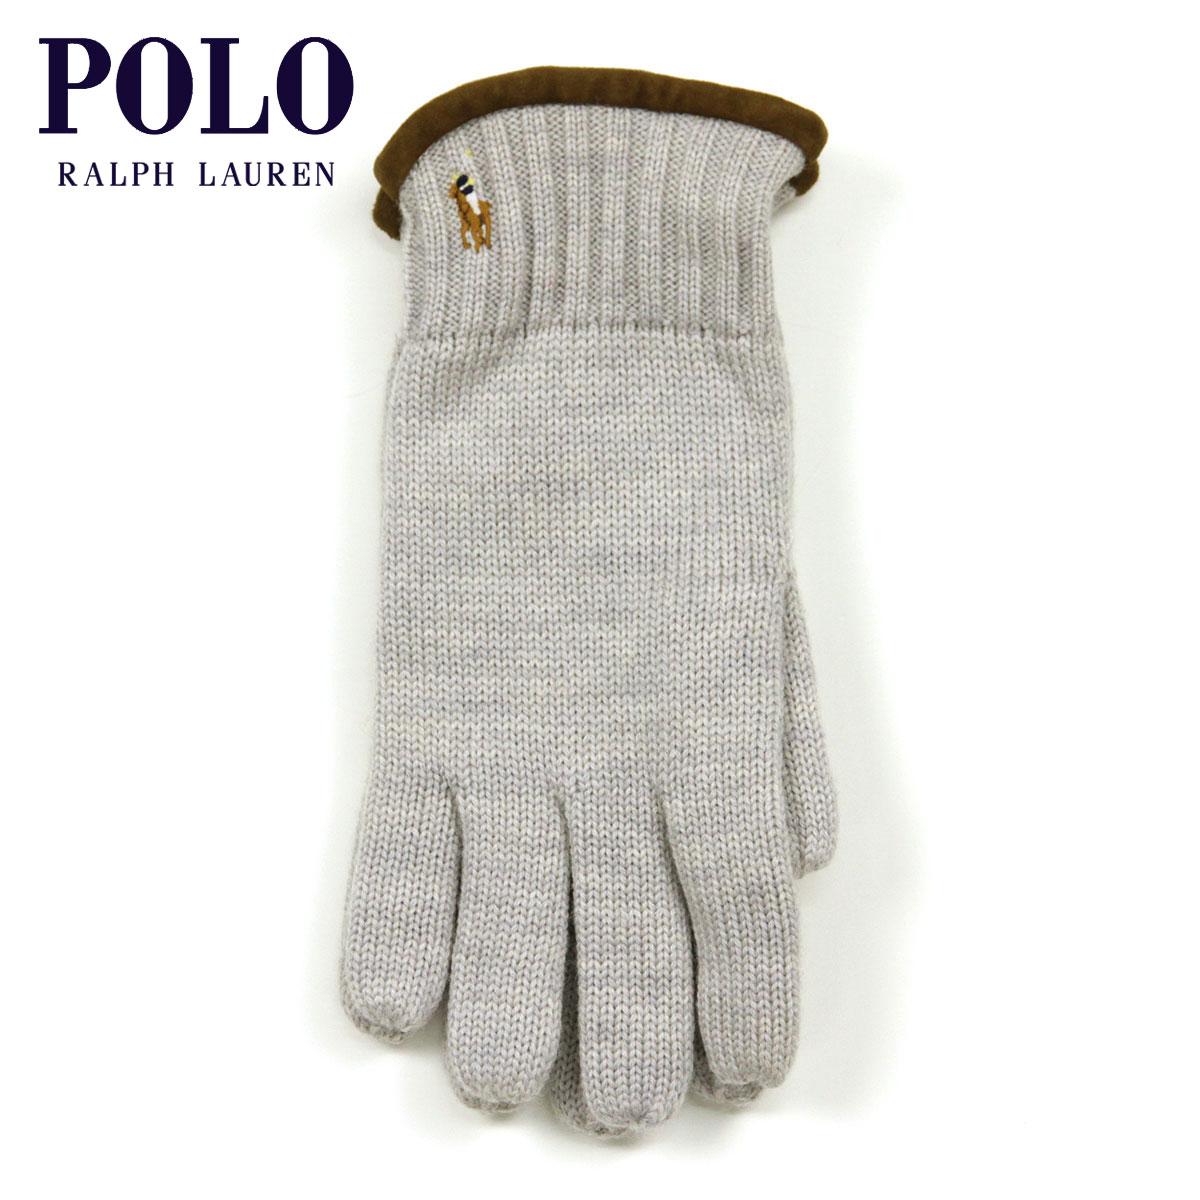 ポロ ラルフローレン POLO RALPH LAUREN 正規品 手袋 Classic Merino Gloves GREY D20S30